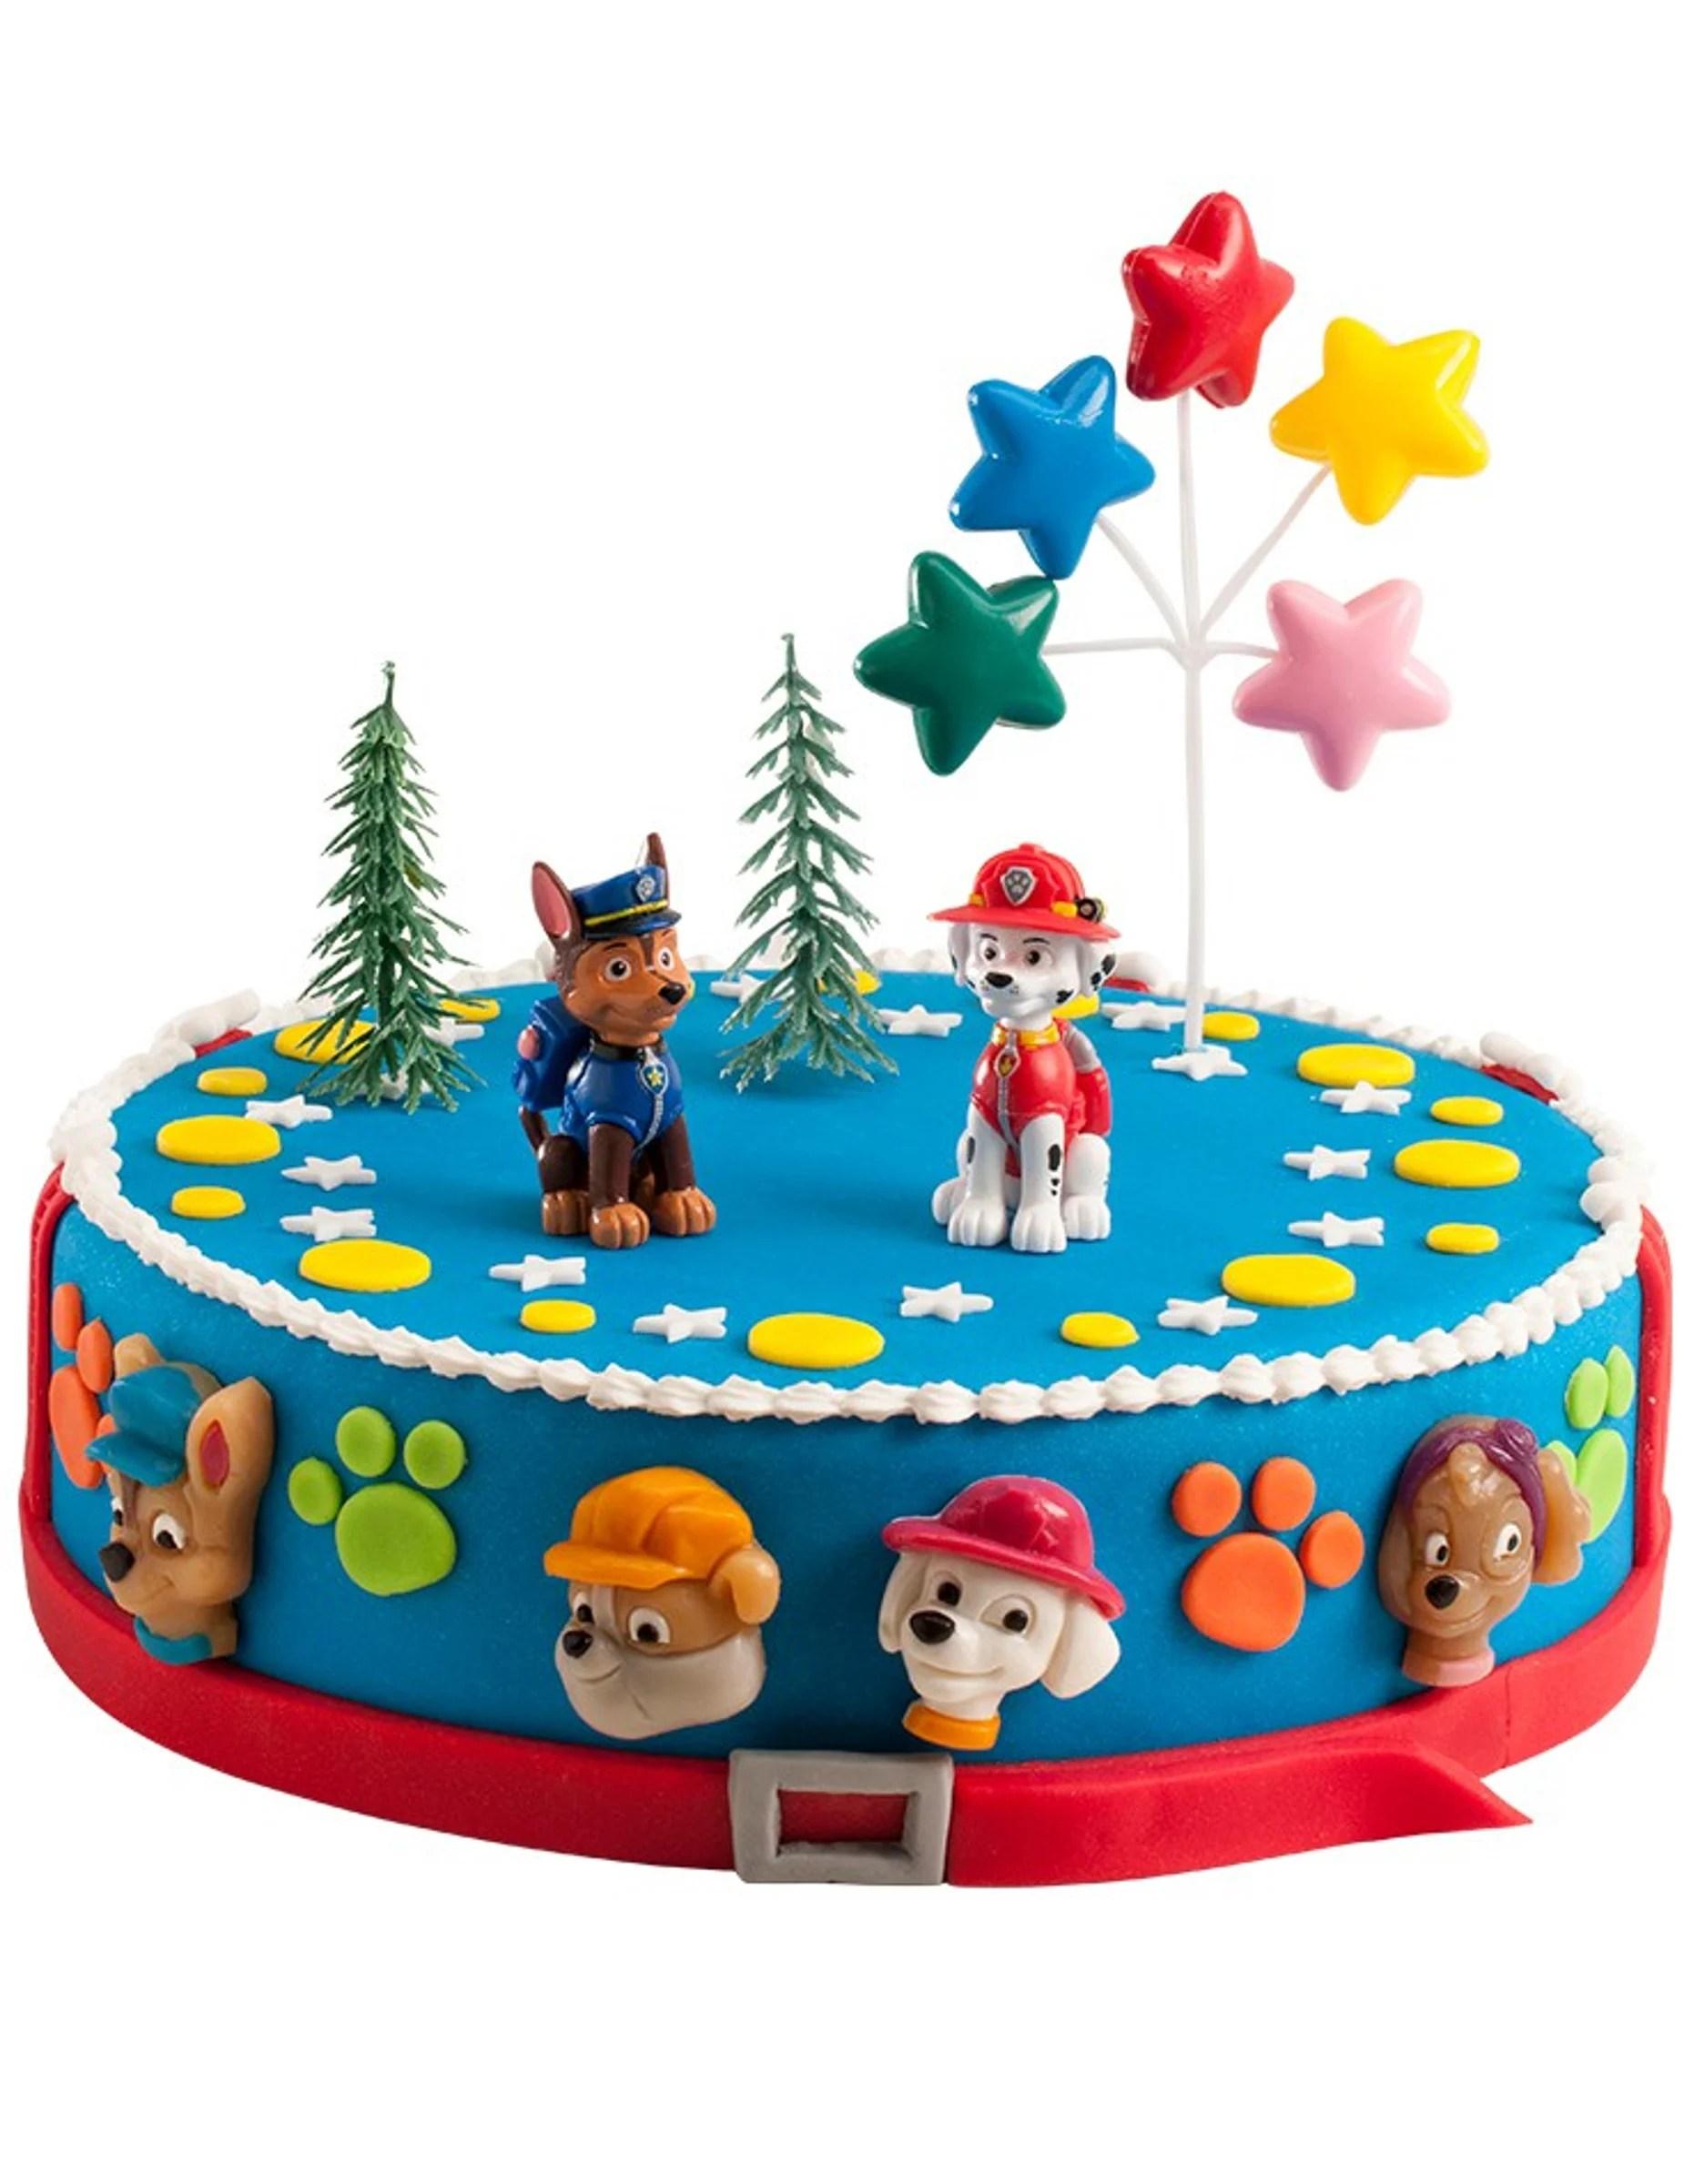 Kuchen Deko Set PAW Patrol™ Partydekound günstige